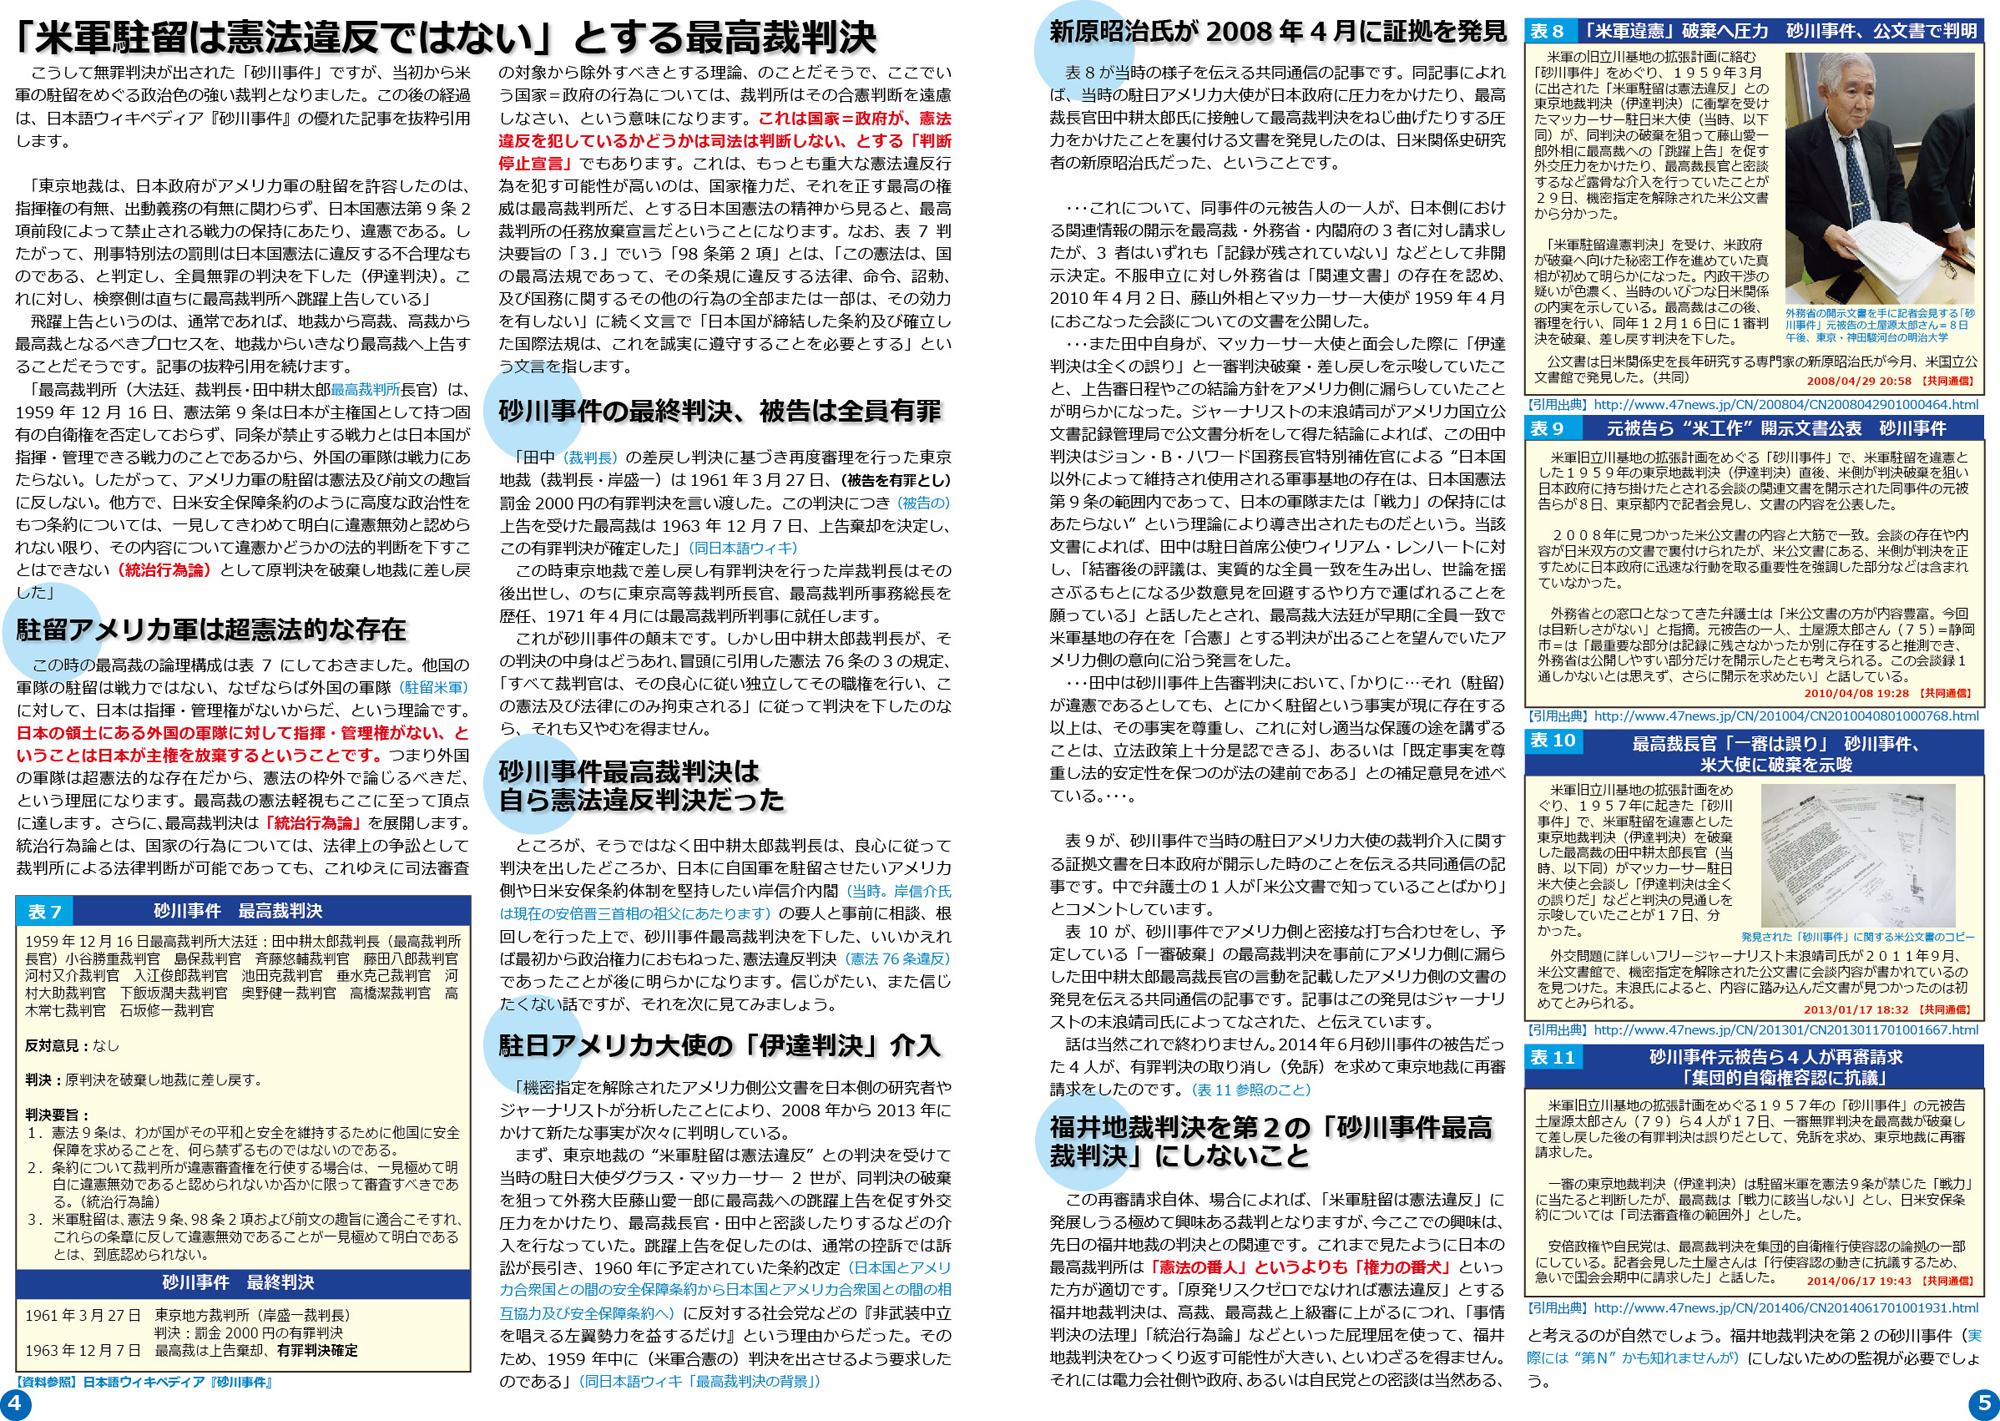 ファイル 314-3.jpg